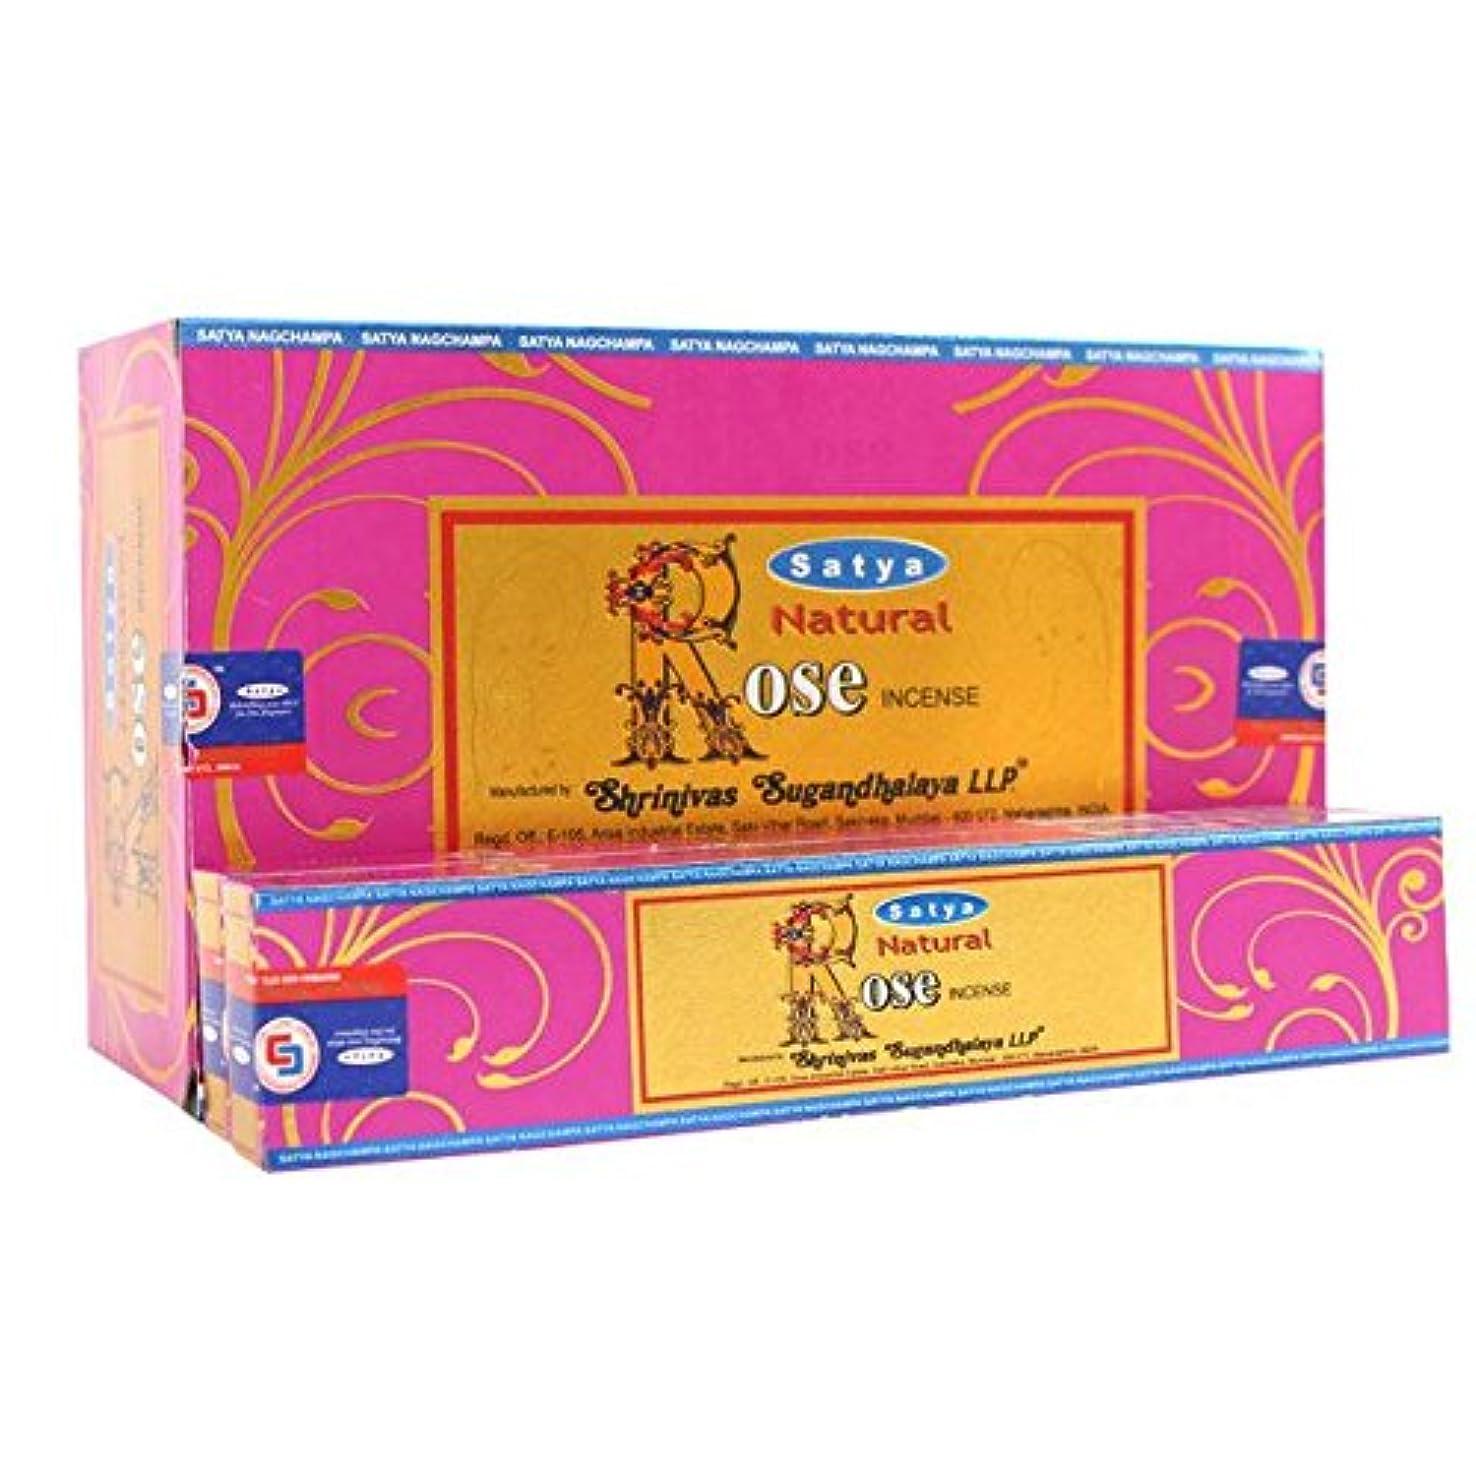 パズル暗記する魅力Box Of 12 Packs Of Natural Rose Incense Sticks By Satya